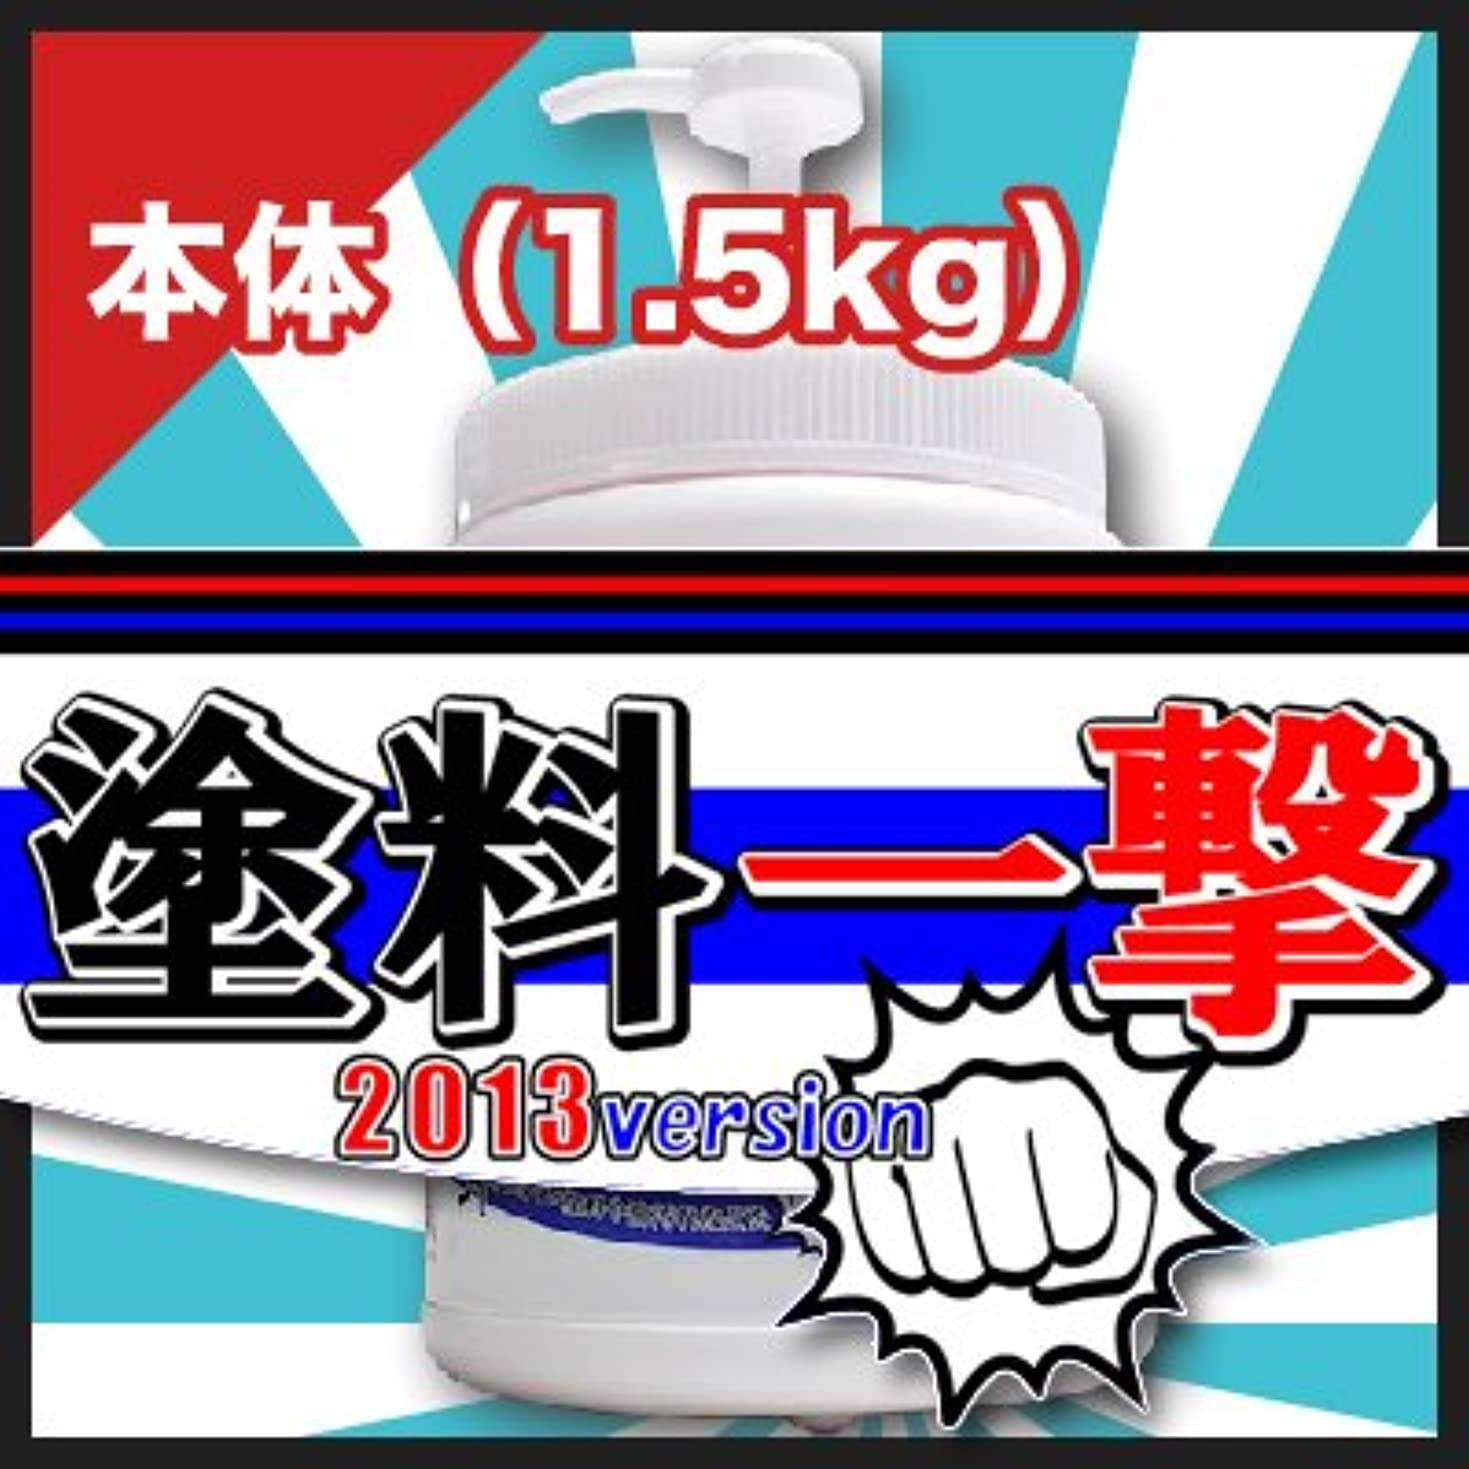 脅威不機嫌リテラシーD.Iプランニング 塗料一撃 2013 Version 本体 (1.5kg)